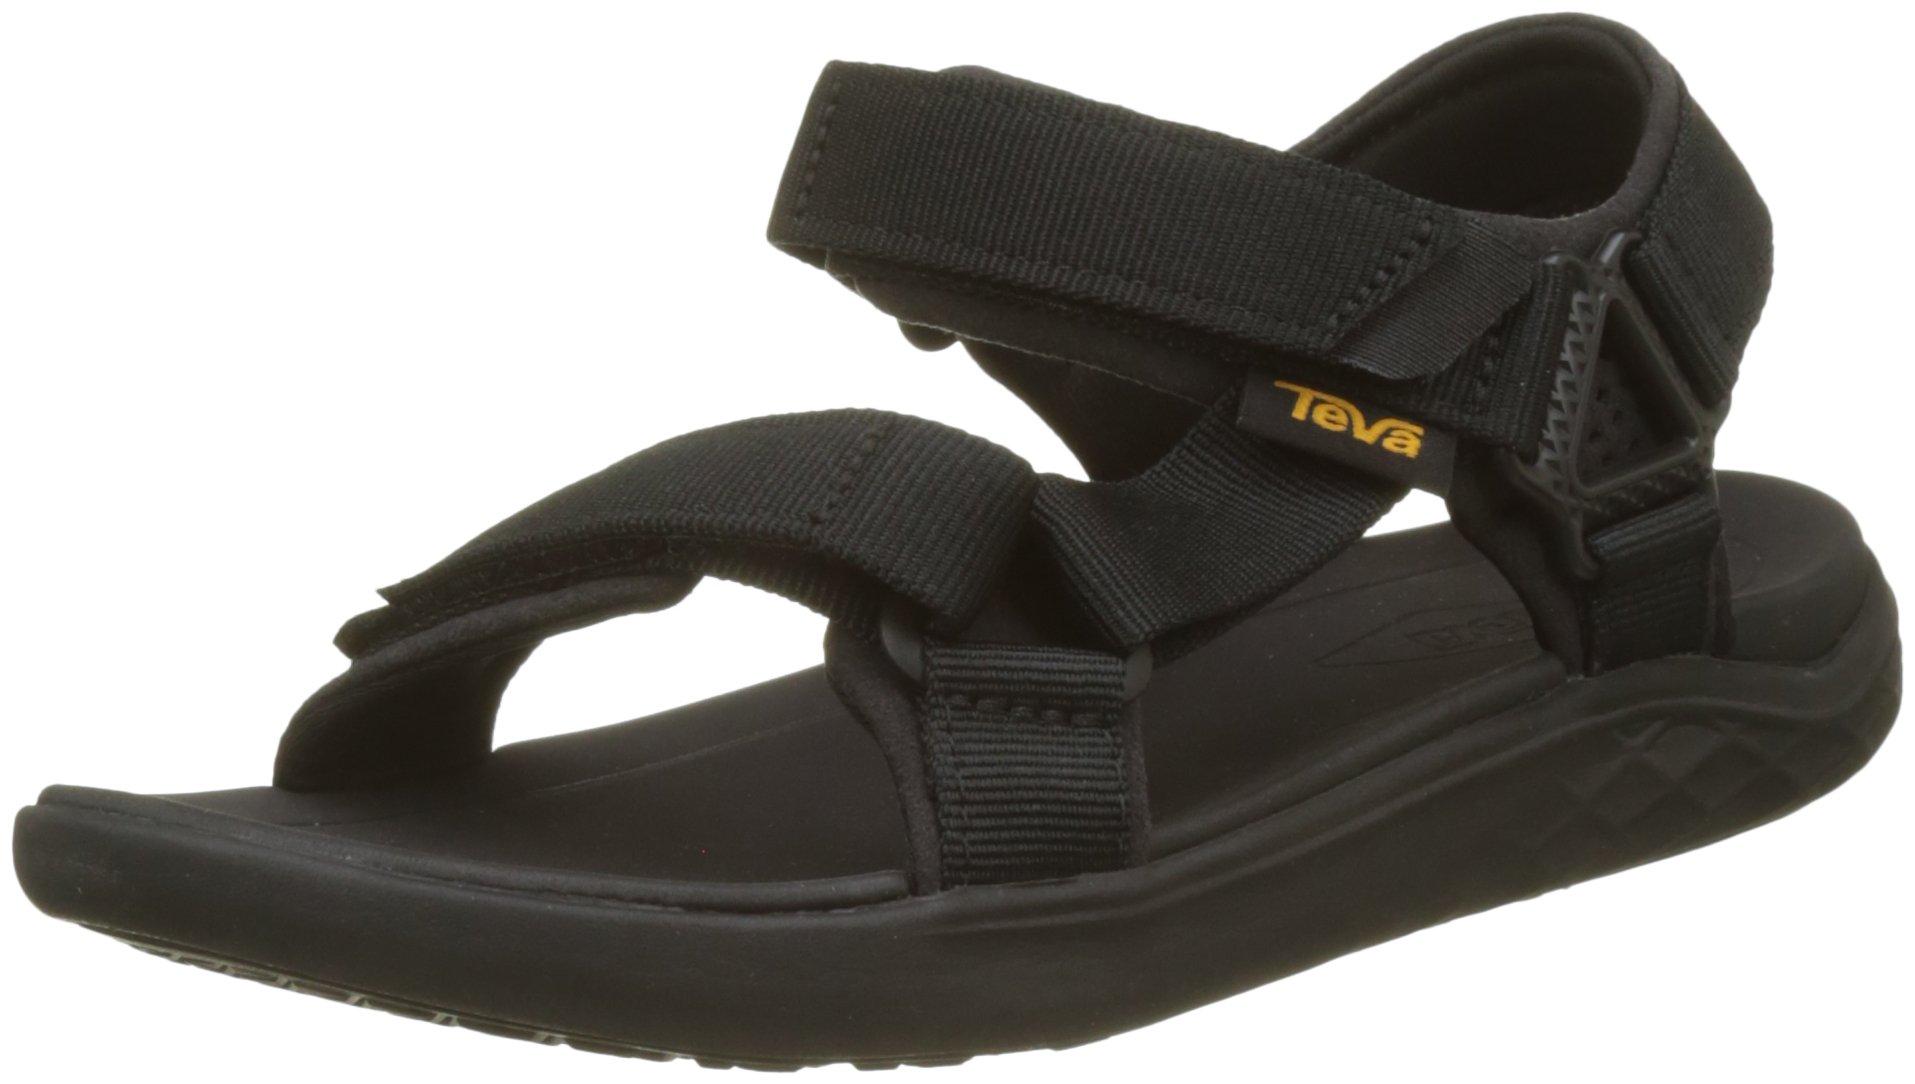 Teva New Women's Terra Float 2 Universal Sport Sandal Black 6